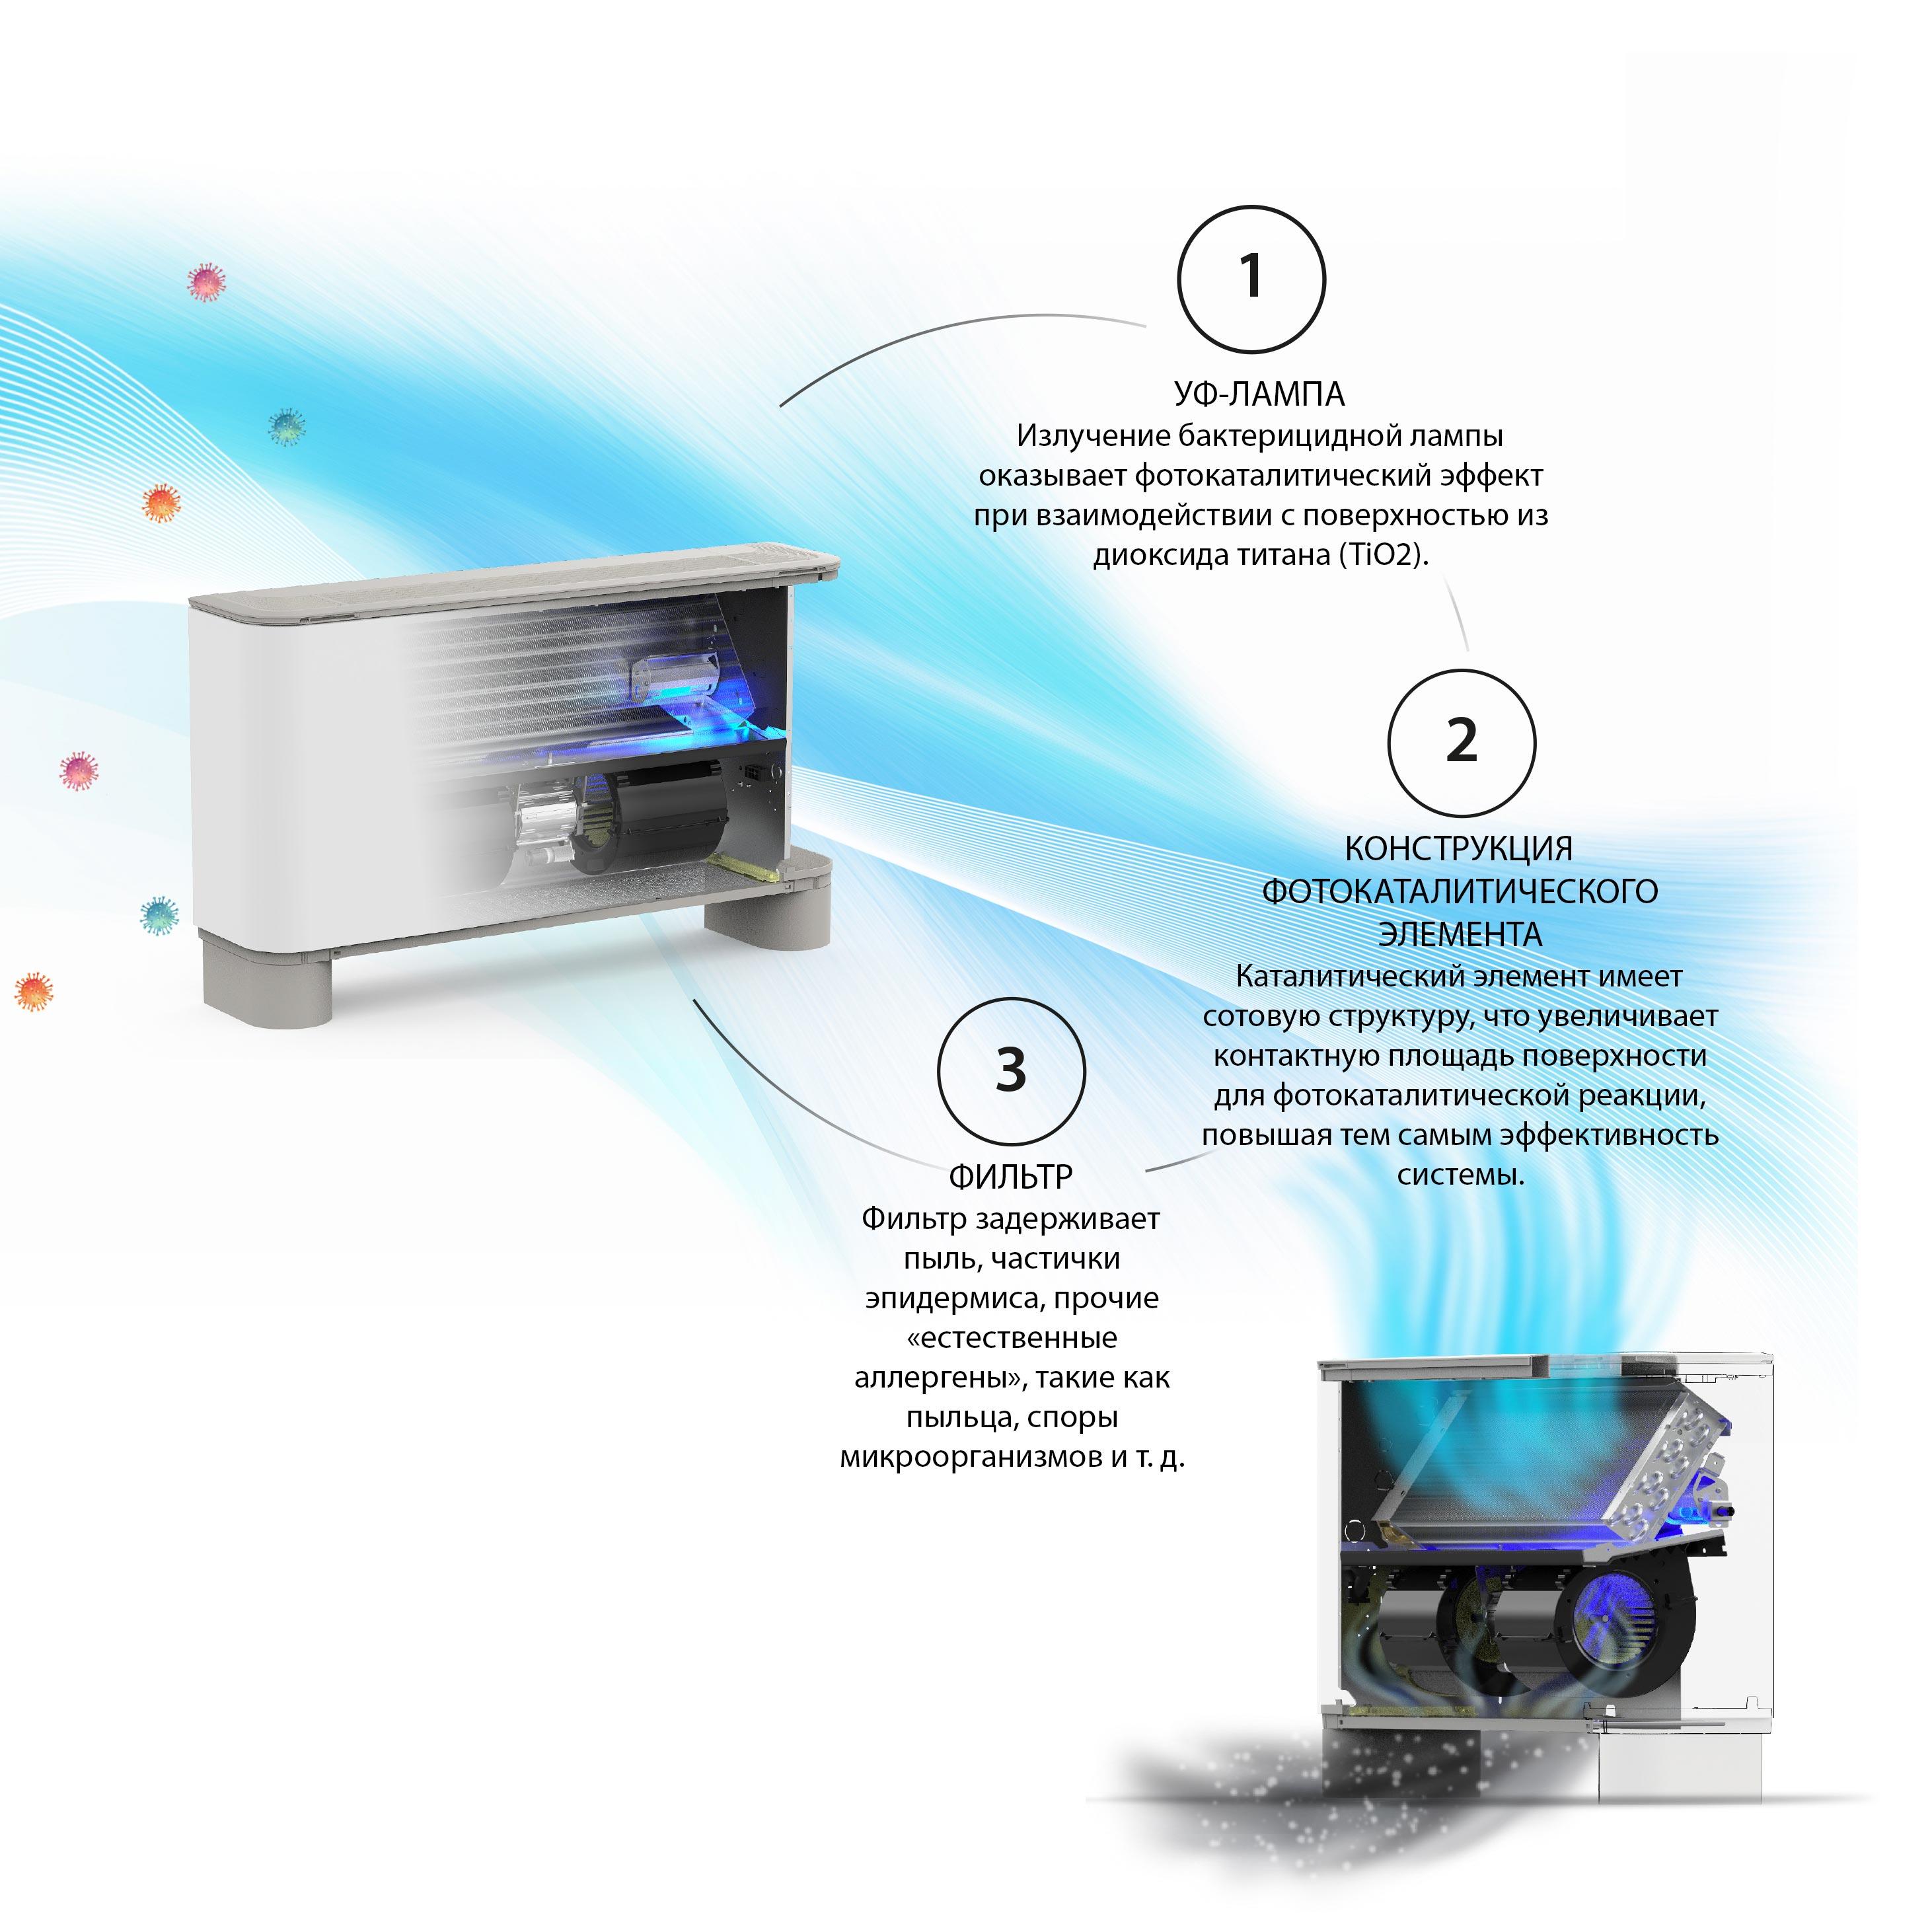 Aermec - Техническое решение с фотокаталитическим эффектом.